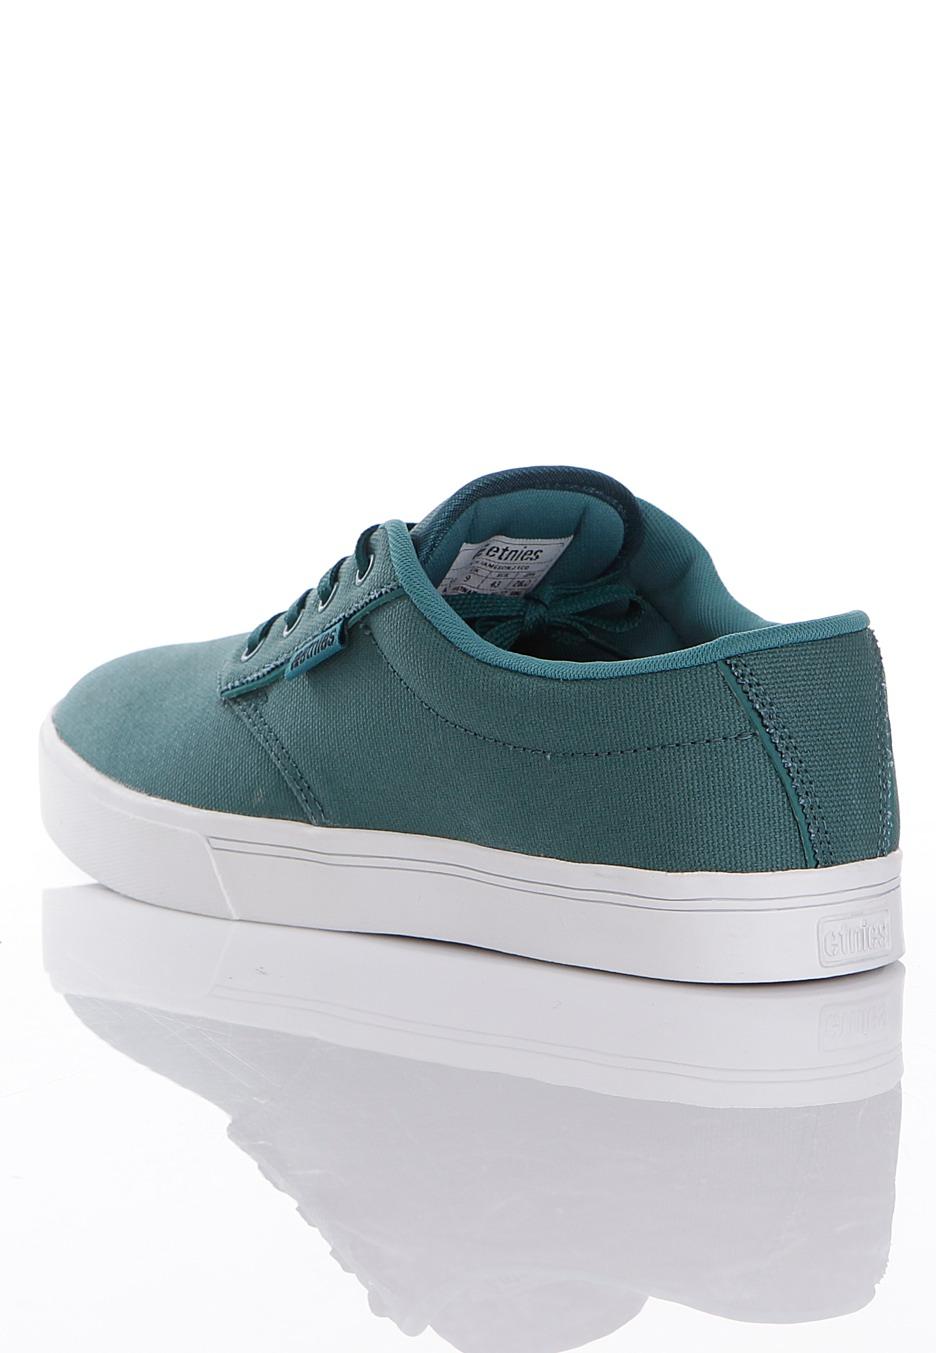 Etnies Shoes Australia Shop